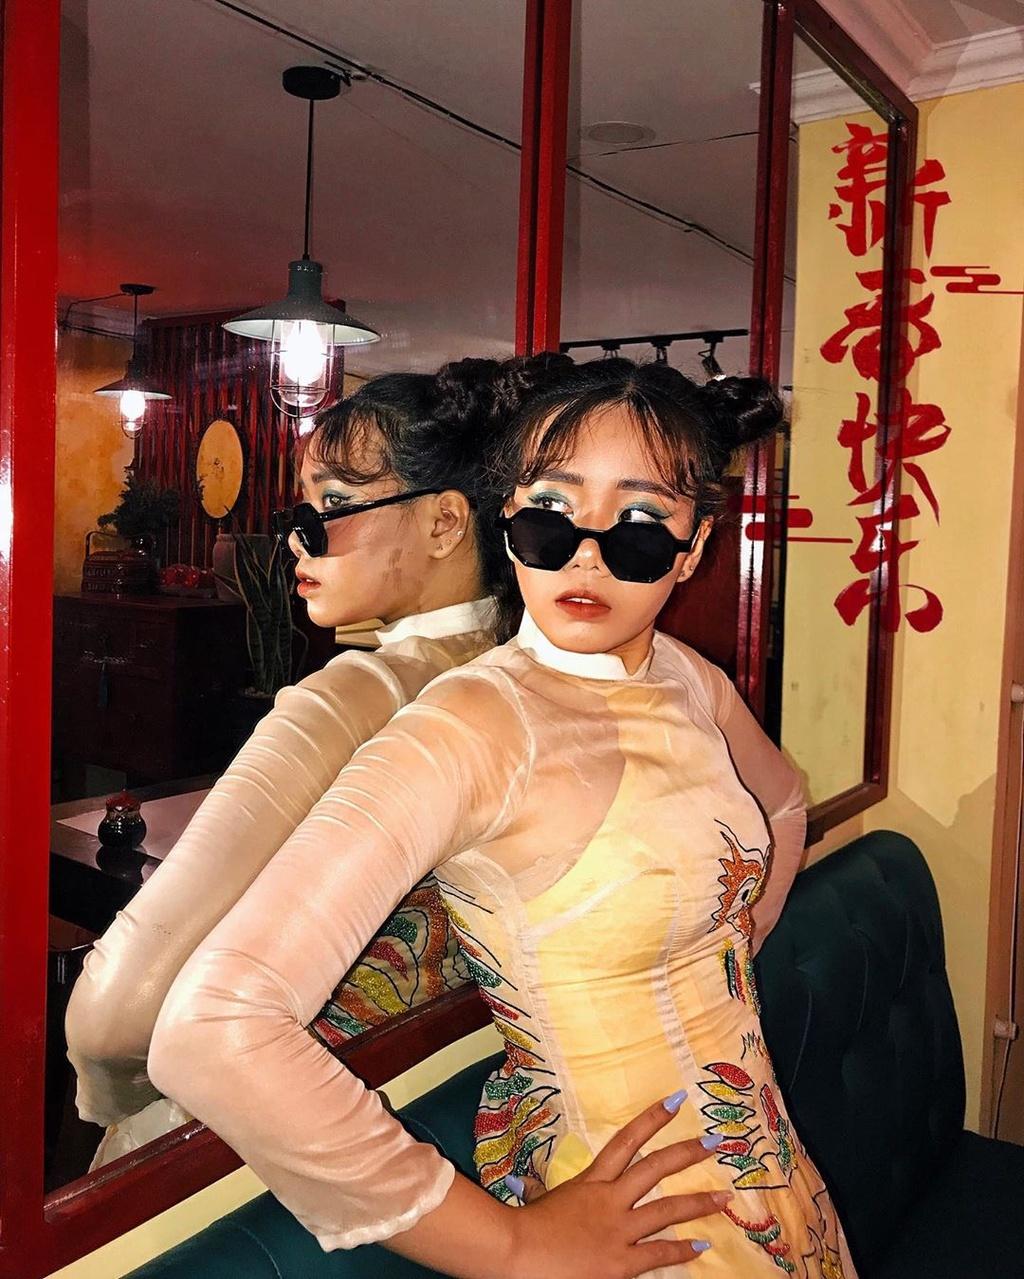 Tiem com nuoc nhieu goc check-in tua Hong Kong o TP.HCM hinh anh 3 puatrann_.jpg